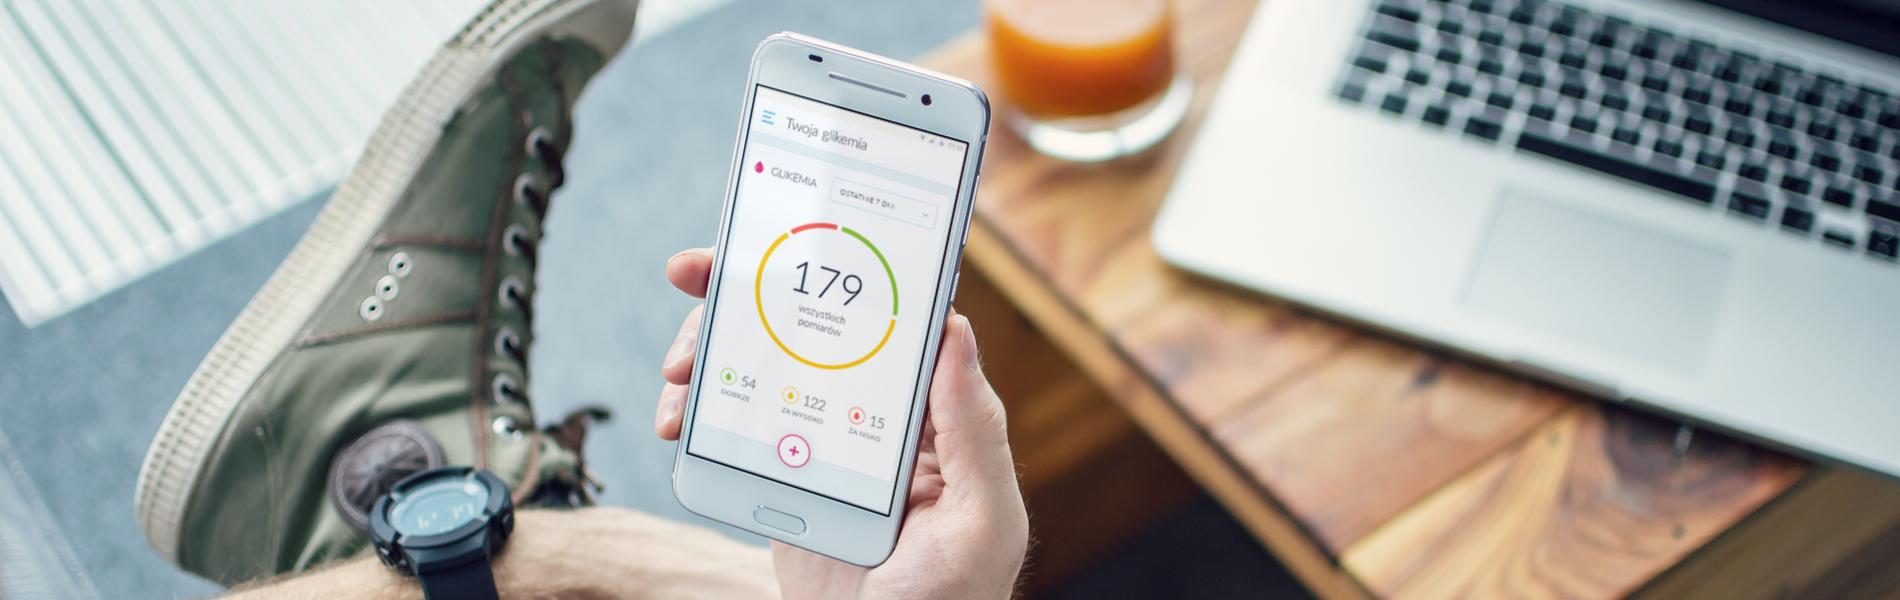 aplikacja dla cukrzyków